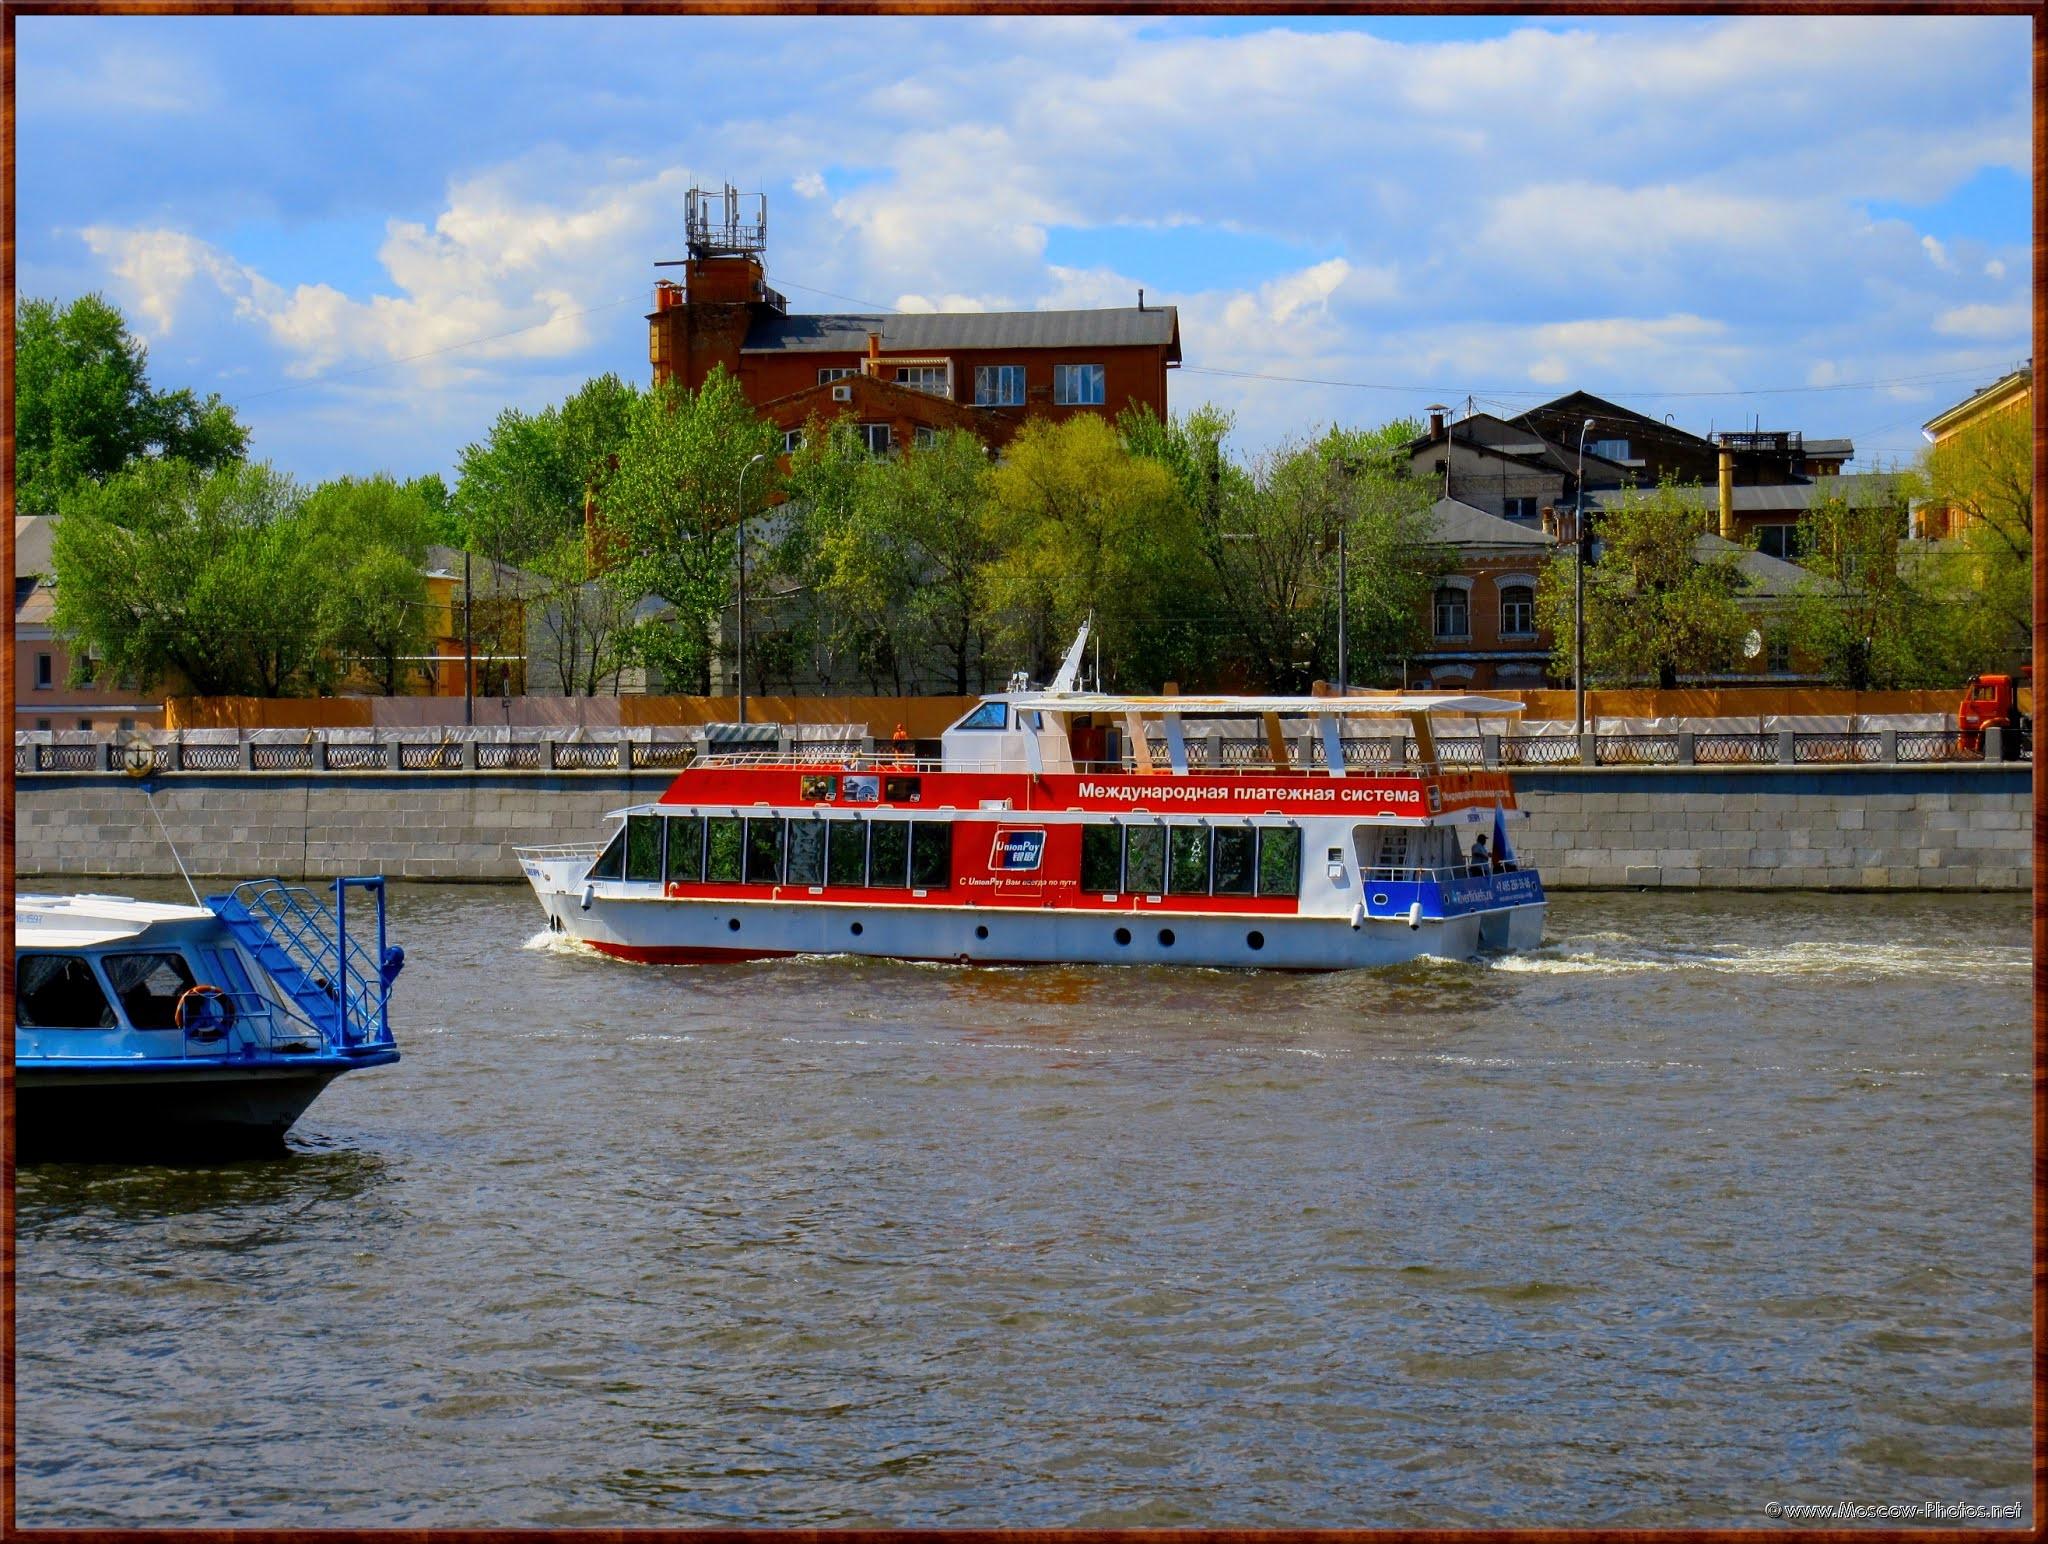 Pleasure boat on the Moskva River